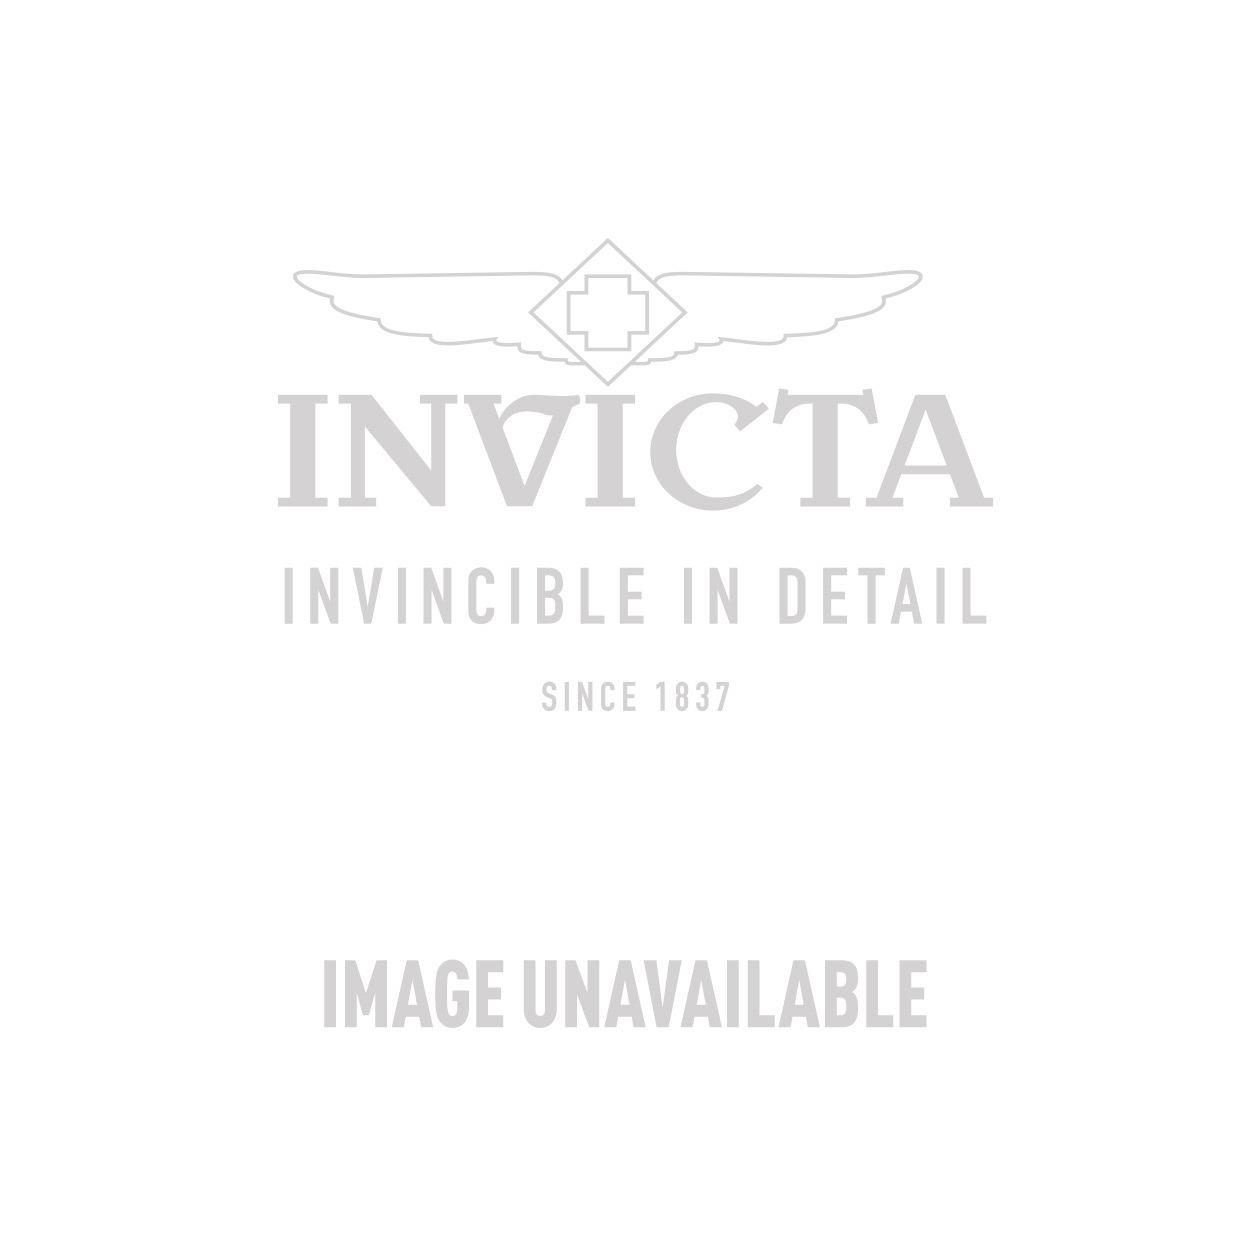 Invicta Model 28158